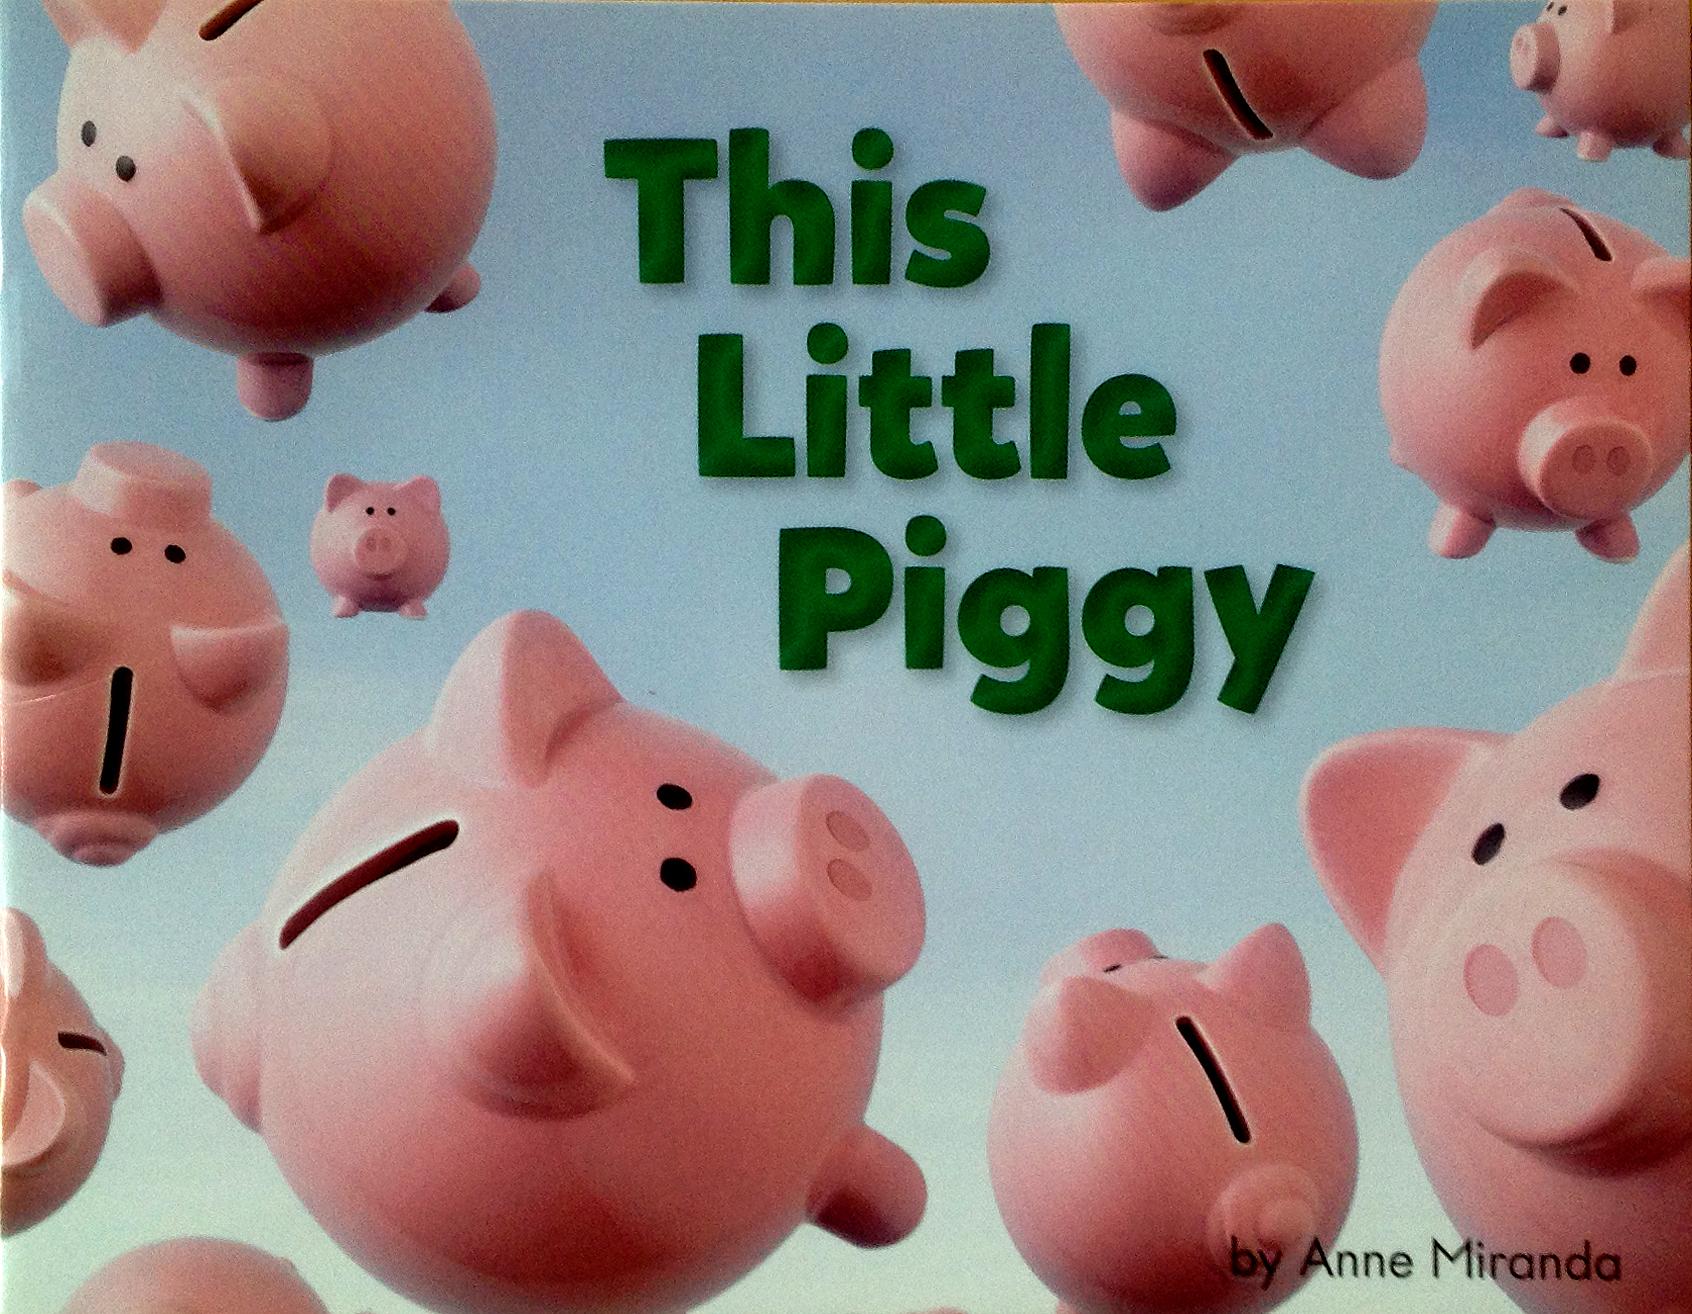 This Little Piggy.jpg